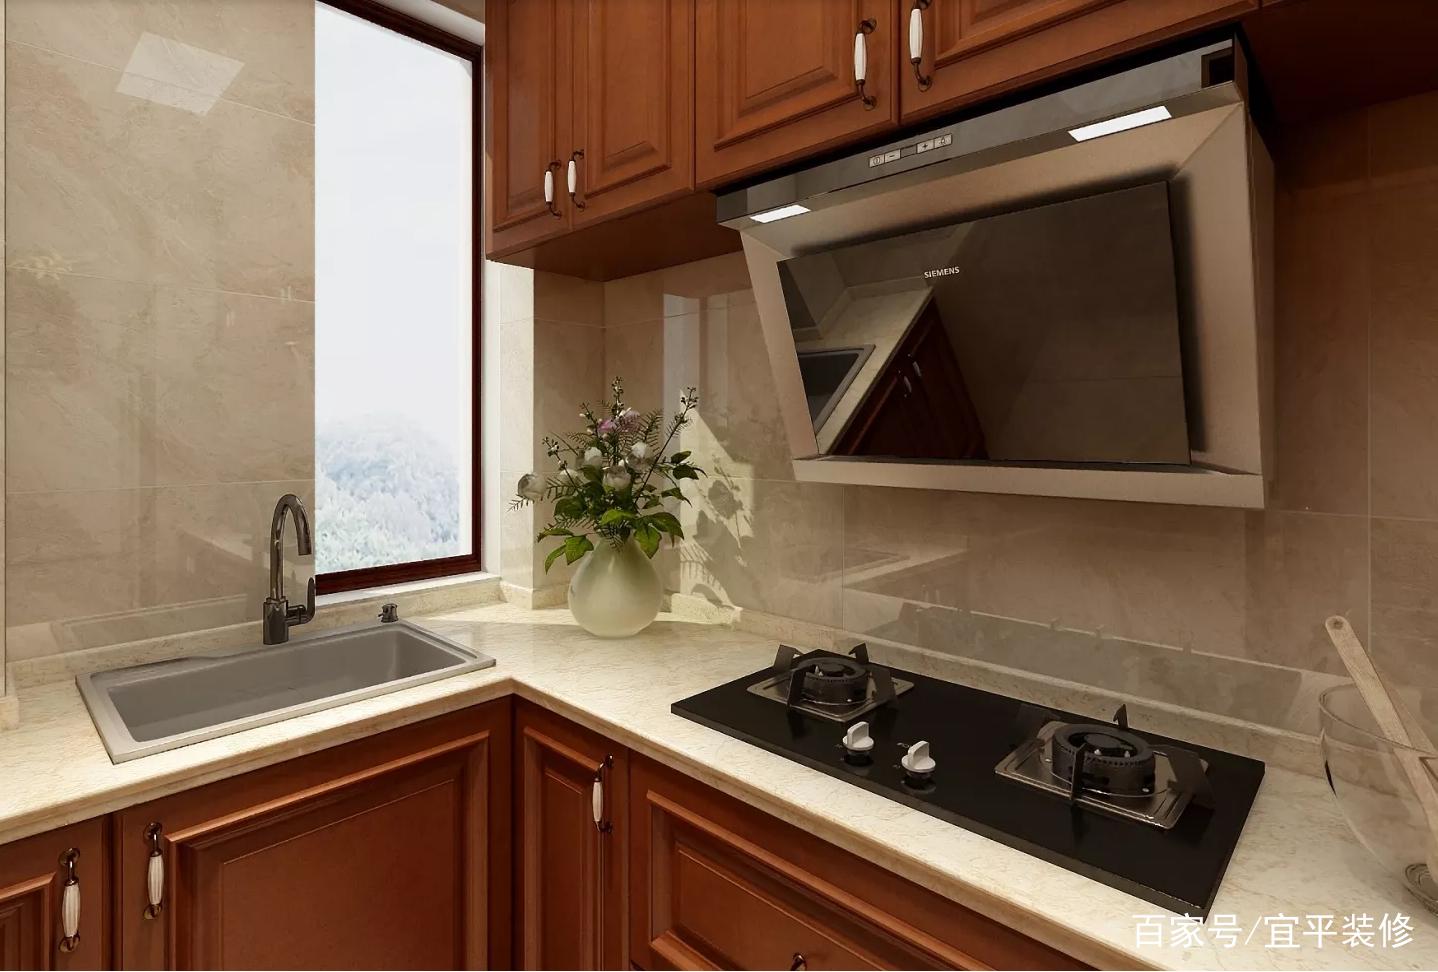 厨房效果图.厨柜使用转角设计,深色橱柜与浅色墙面搭配非常又层次感.